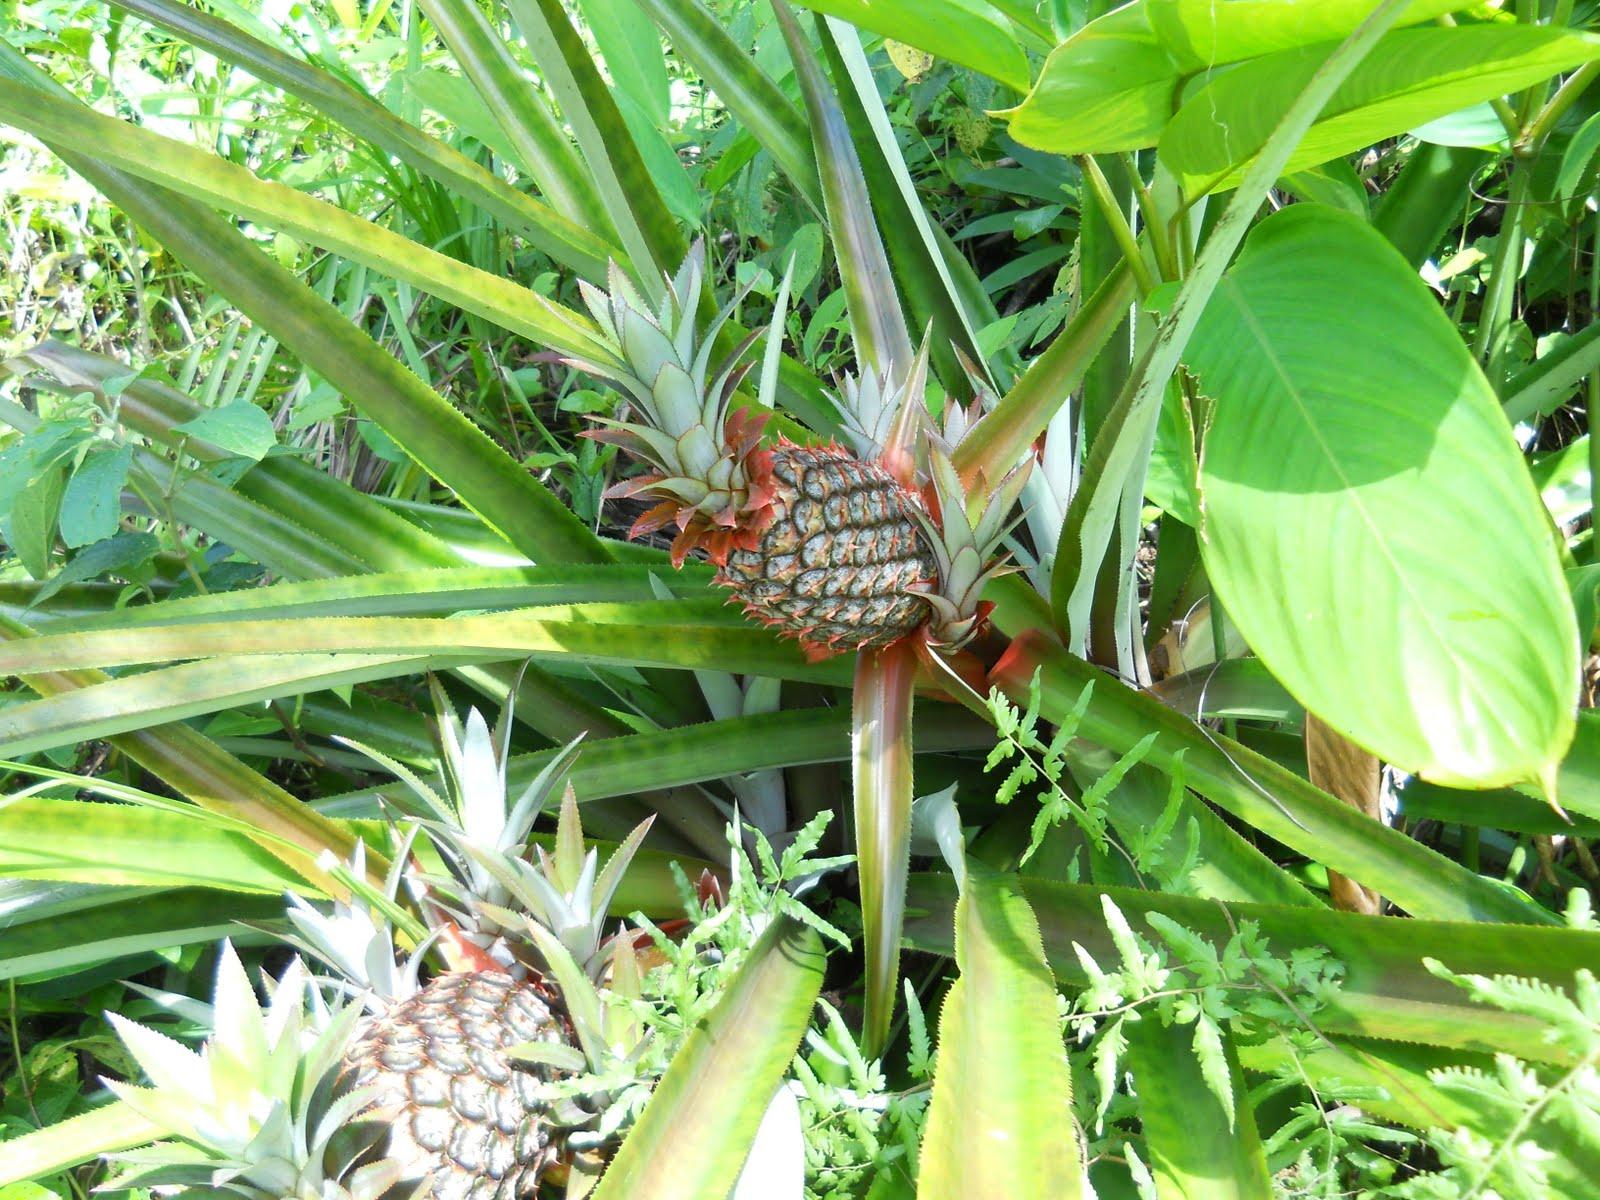 Fructe tropicale ce se găsesc în grădinile din Panama